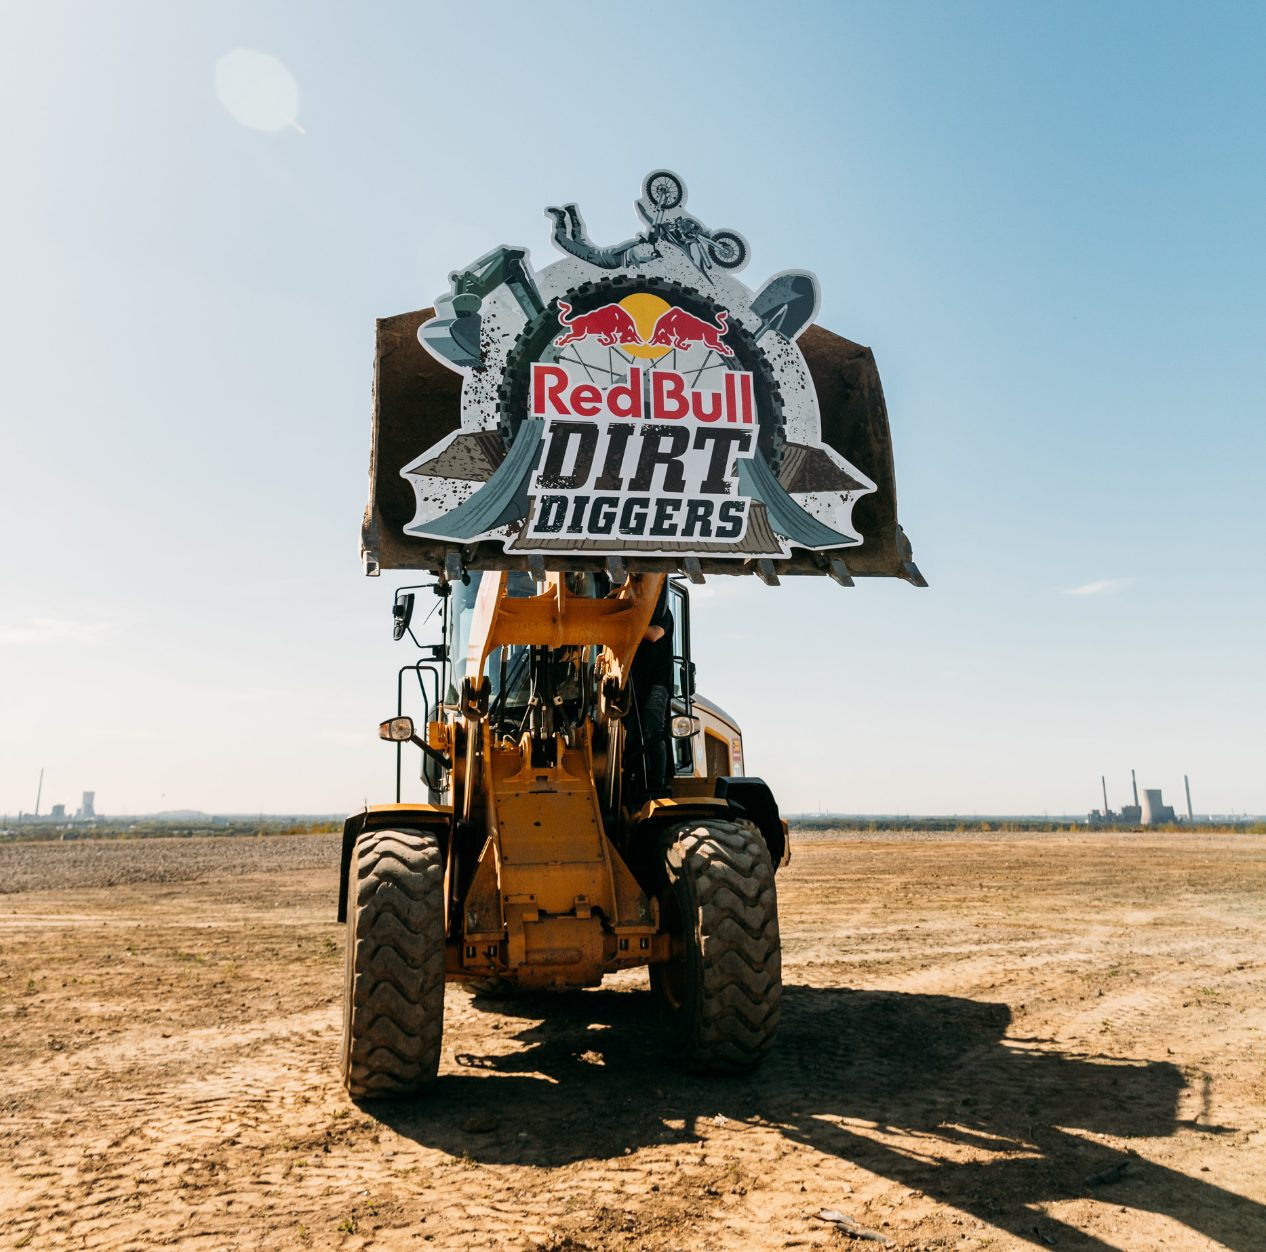 Red Bull Dirt Diggers